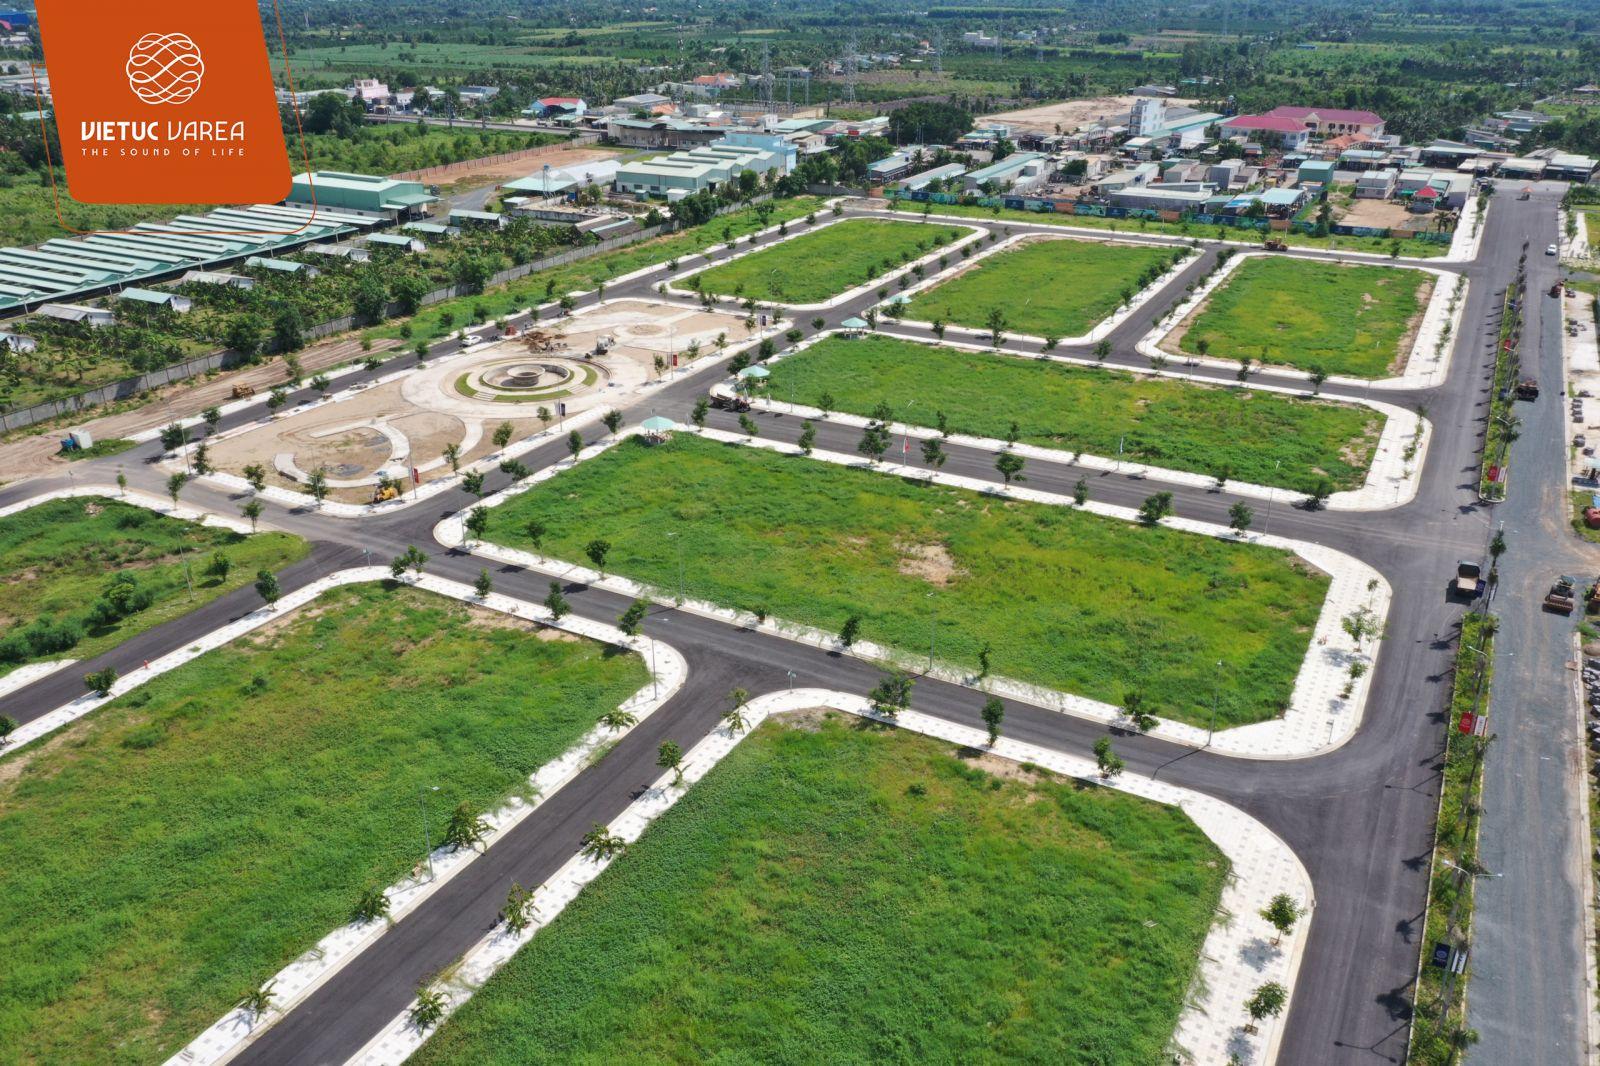 Tiến độ cập nhật mới nhất dự án đất nền VietUc Varea Long An